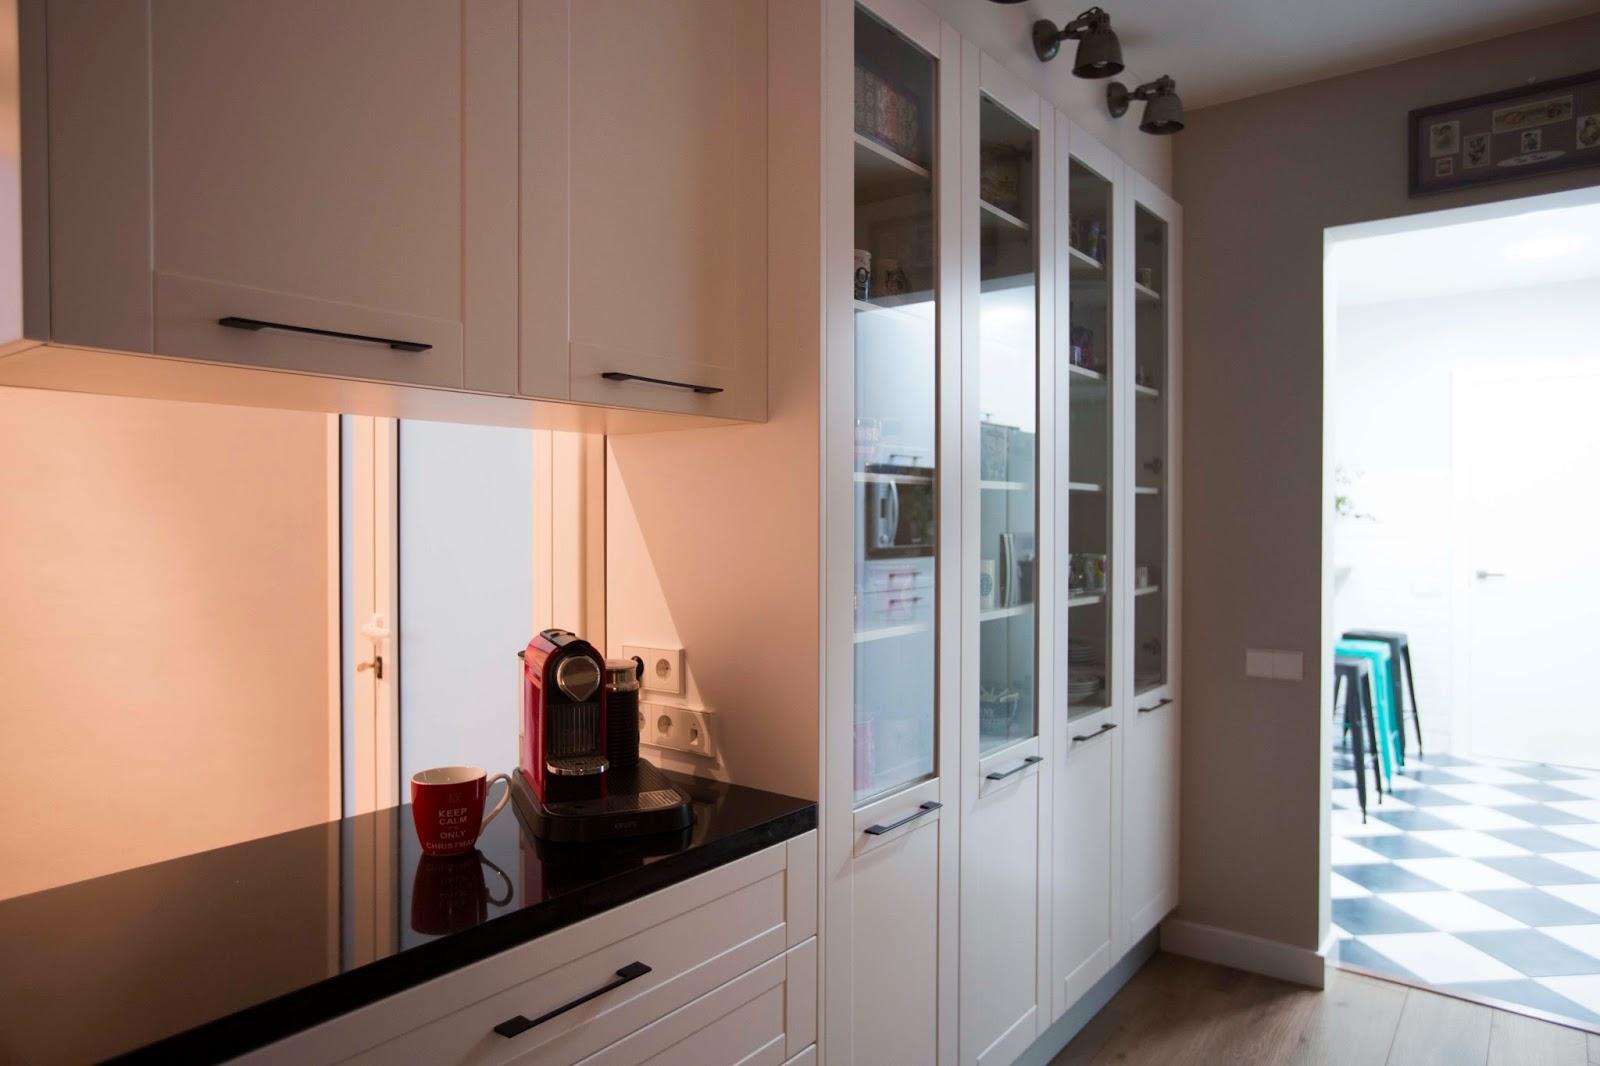 Tabiques de cristal para viviendas cool finest tabiques - Tabiques de cristal para viviendas ...